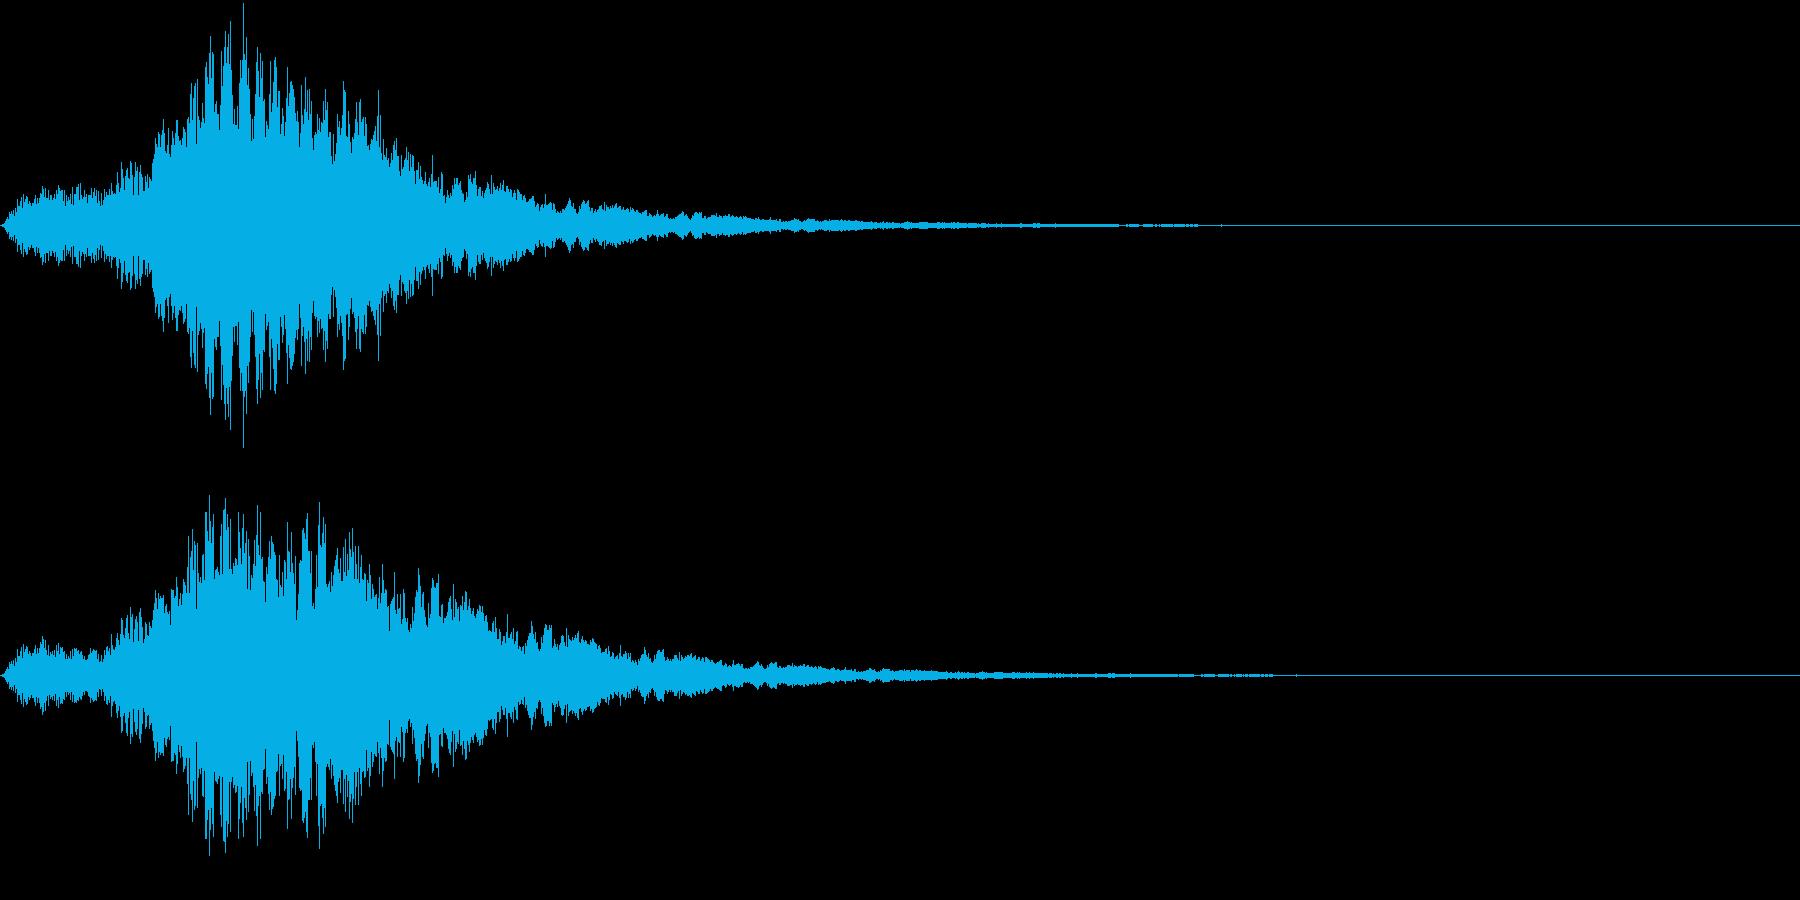 Coin ビットコインなどの決済音の再生済みの波形